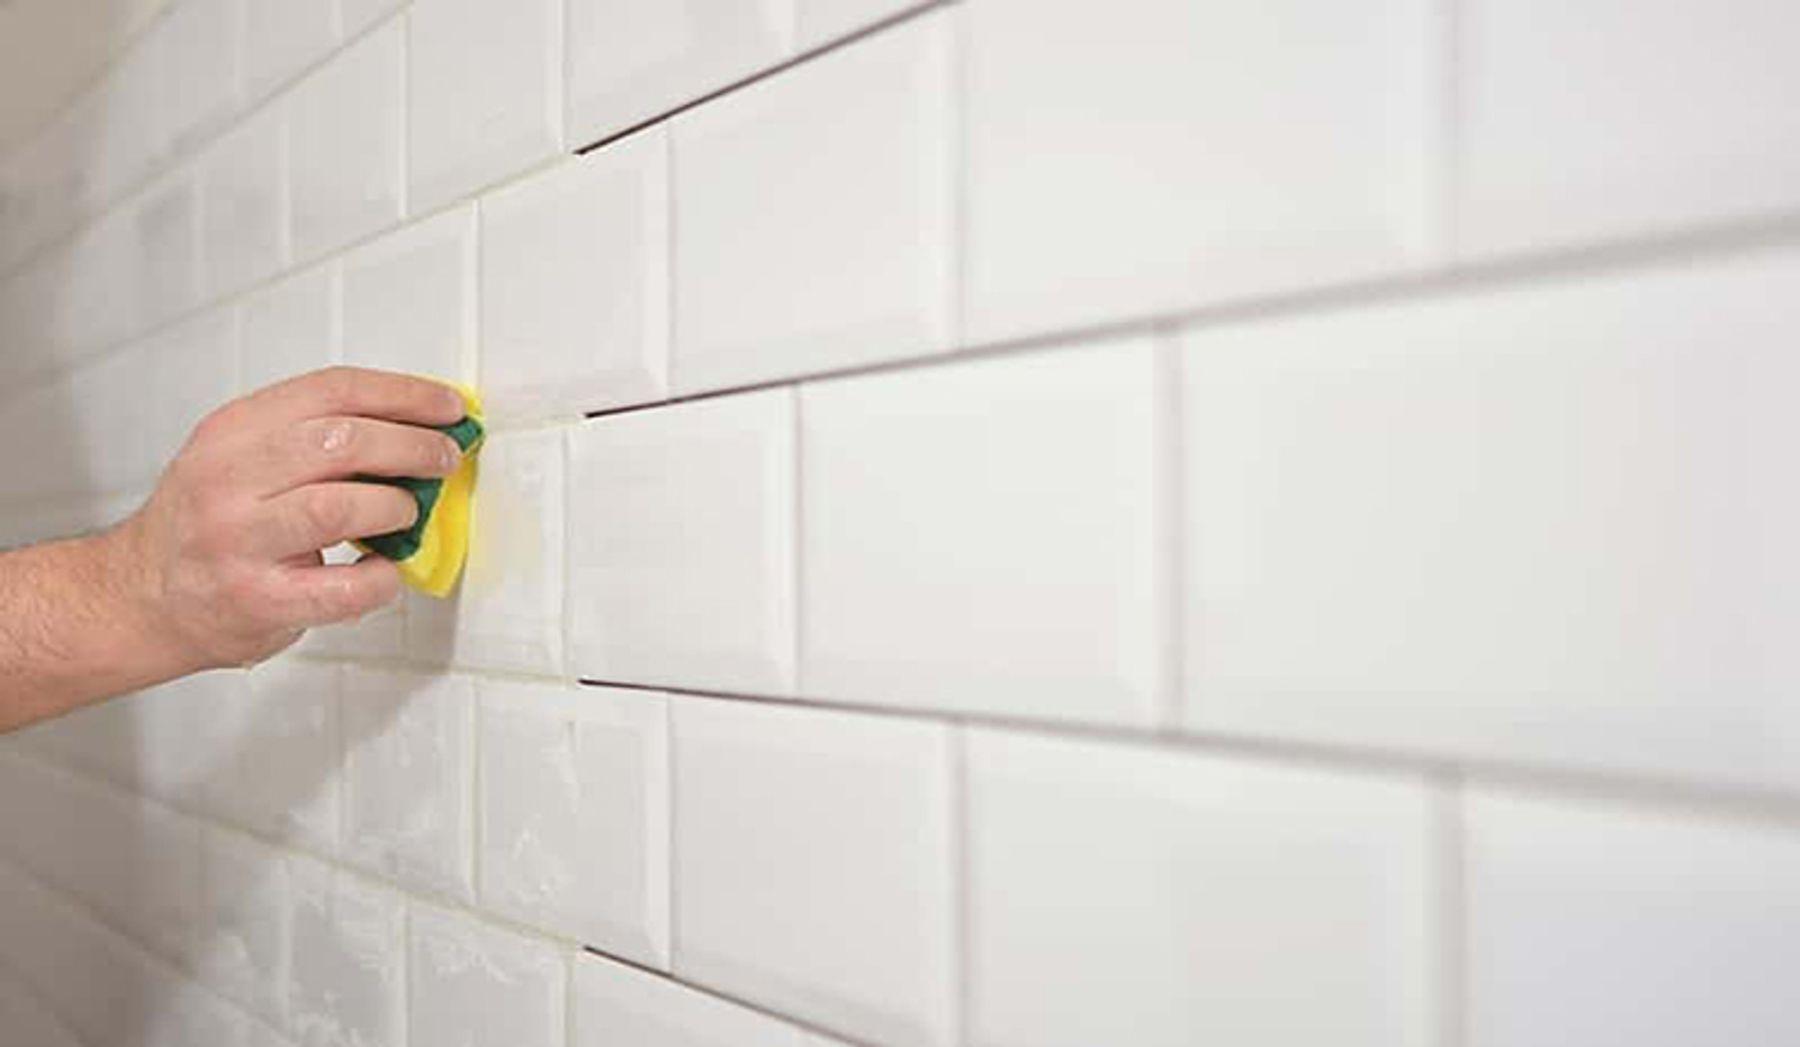 Lau rửa các bức tường tráng men sáng bóng